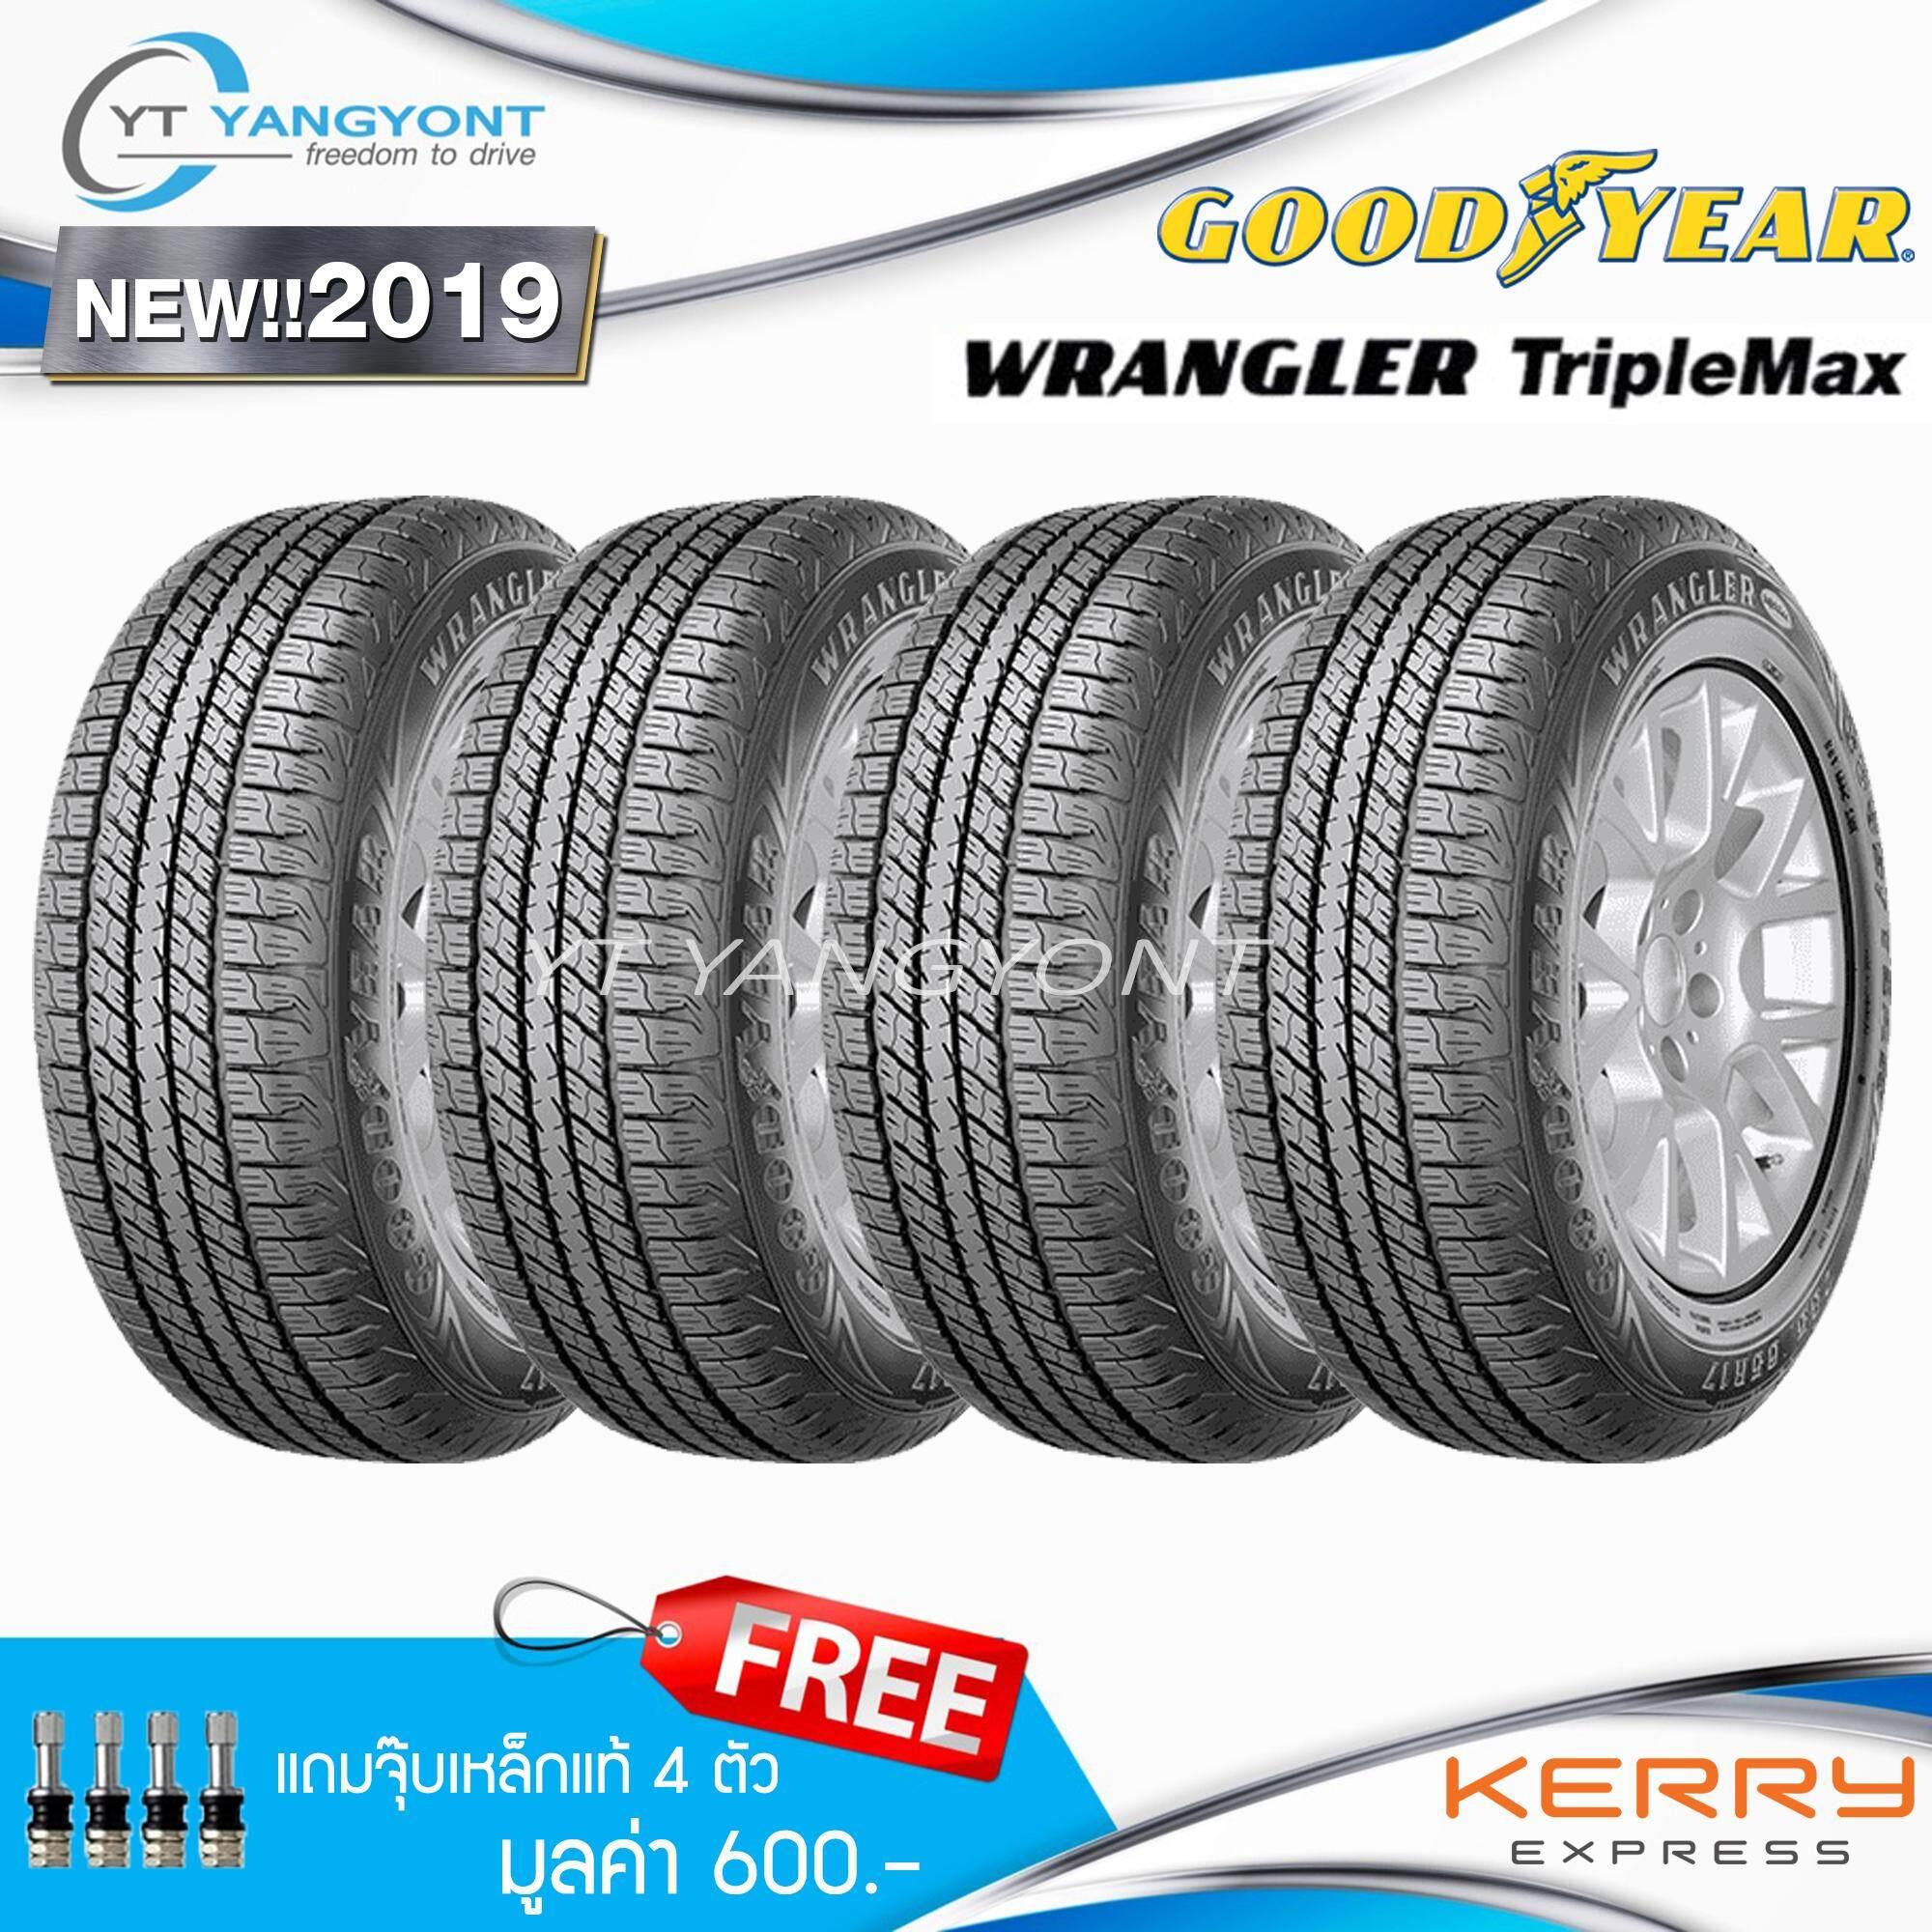 เชียงราย GOODYEAR ยางรถยนต์ 265/65R17 รุ่น Wrangler Triplemax 4 เส้น (ปี 2019) แถมจุ๊บเหล็กของแท้ 4 ตัว มูลค่า 600 บาท